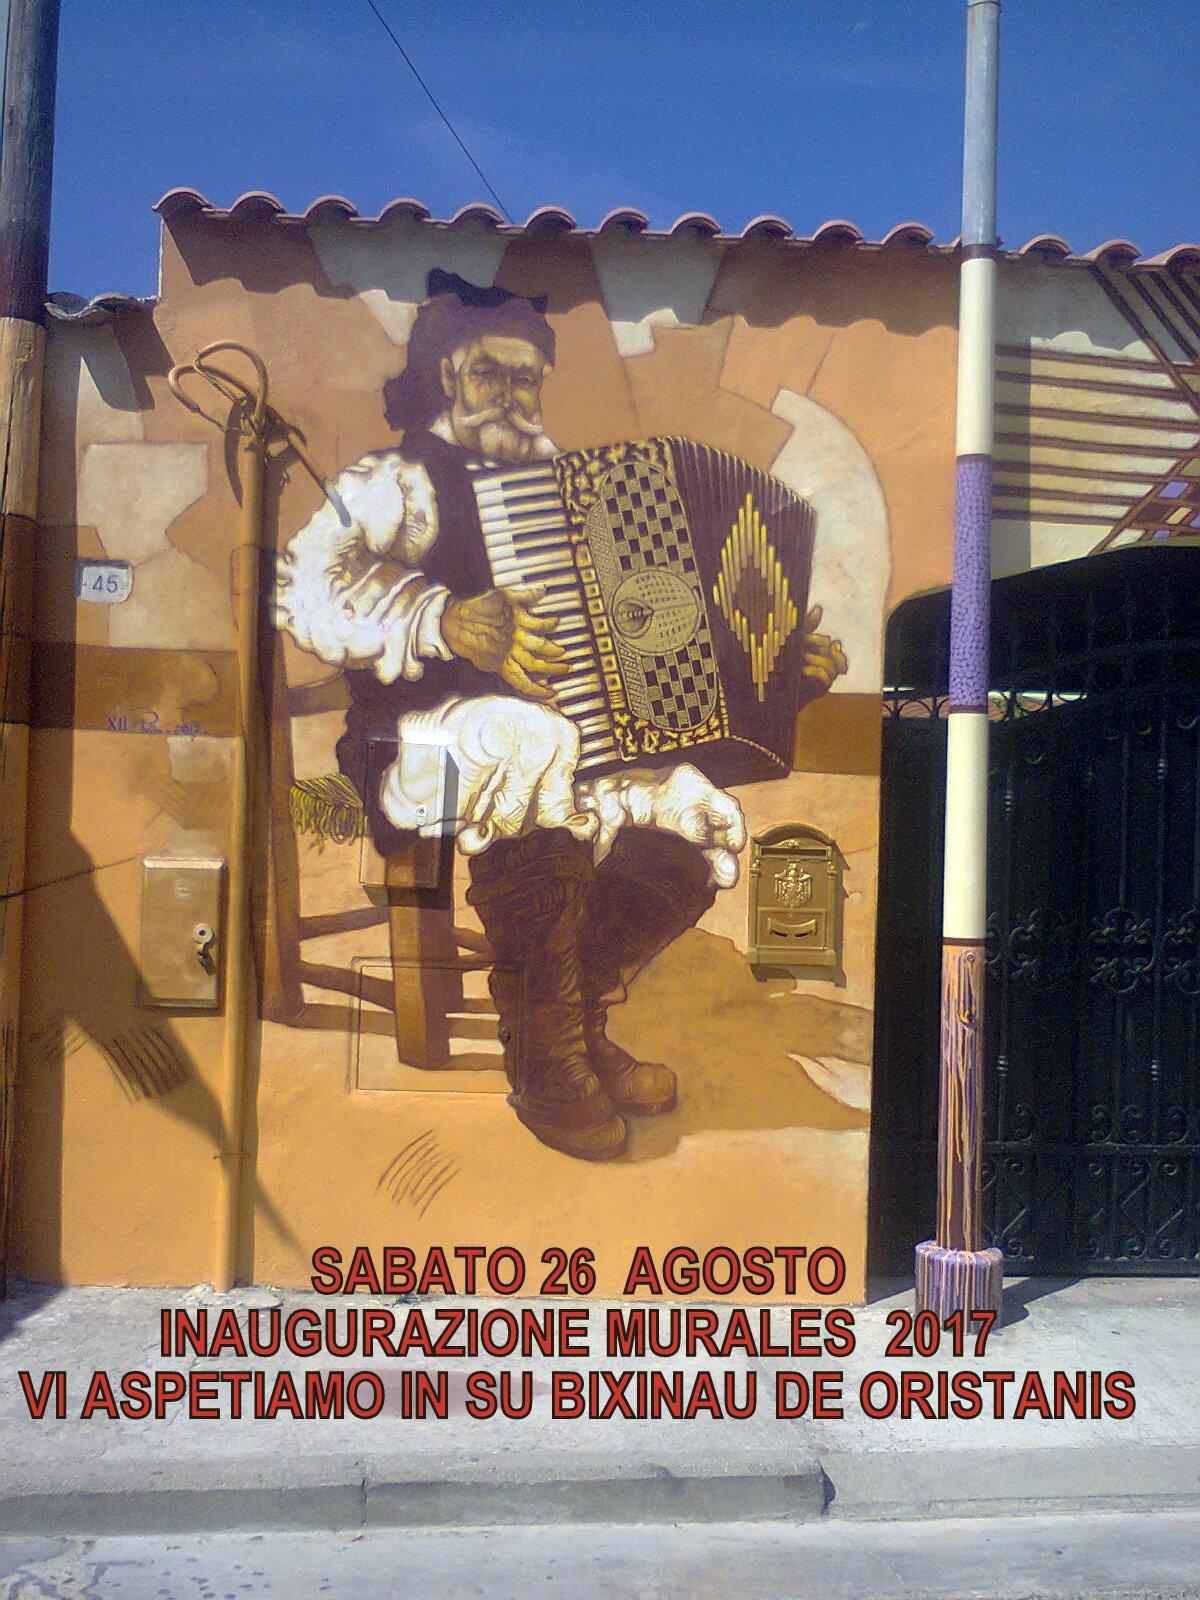 Bixinau de Oristanis, inaugurazione murales 2017